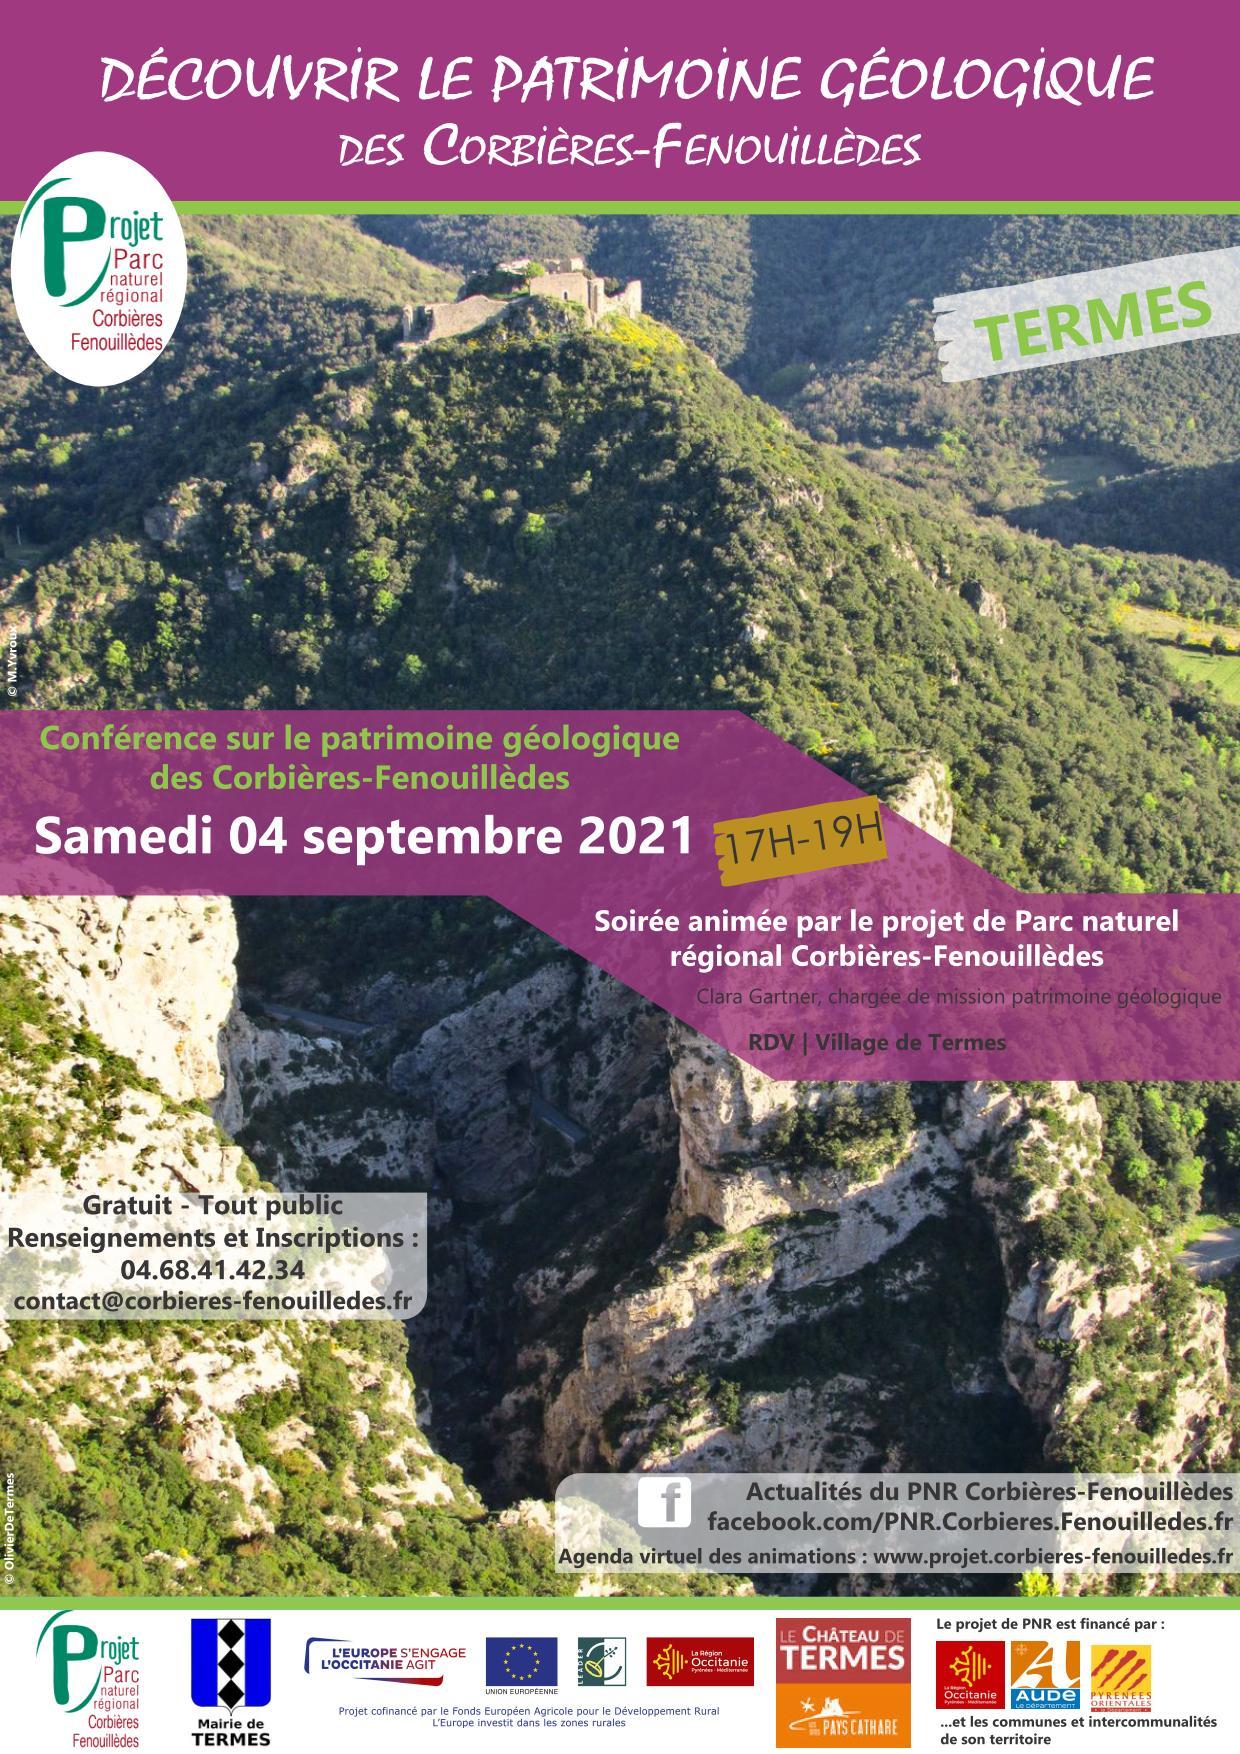 4 septembre : Conférence sur le patrimoine géologique à Termes.